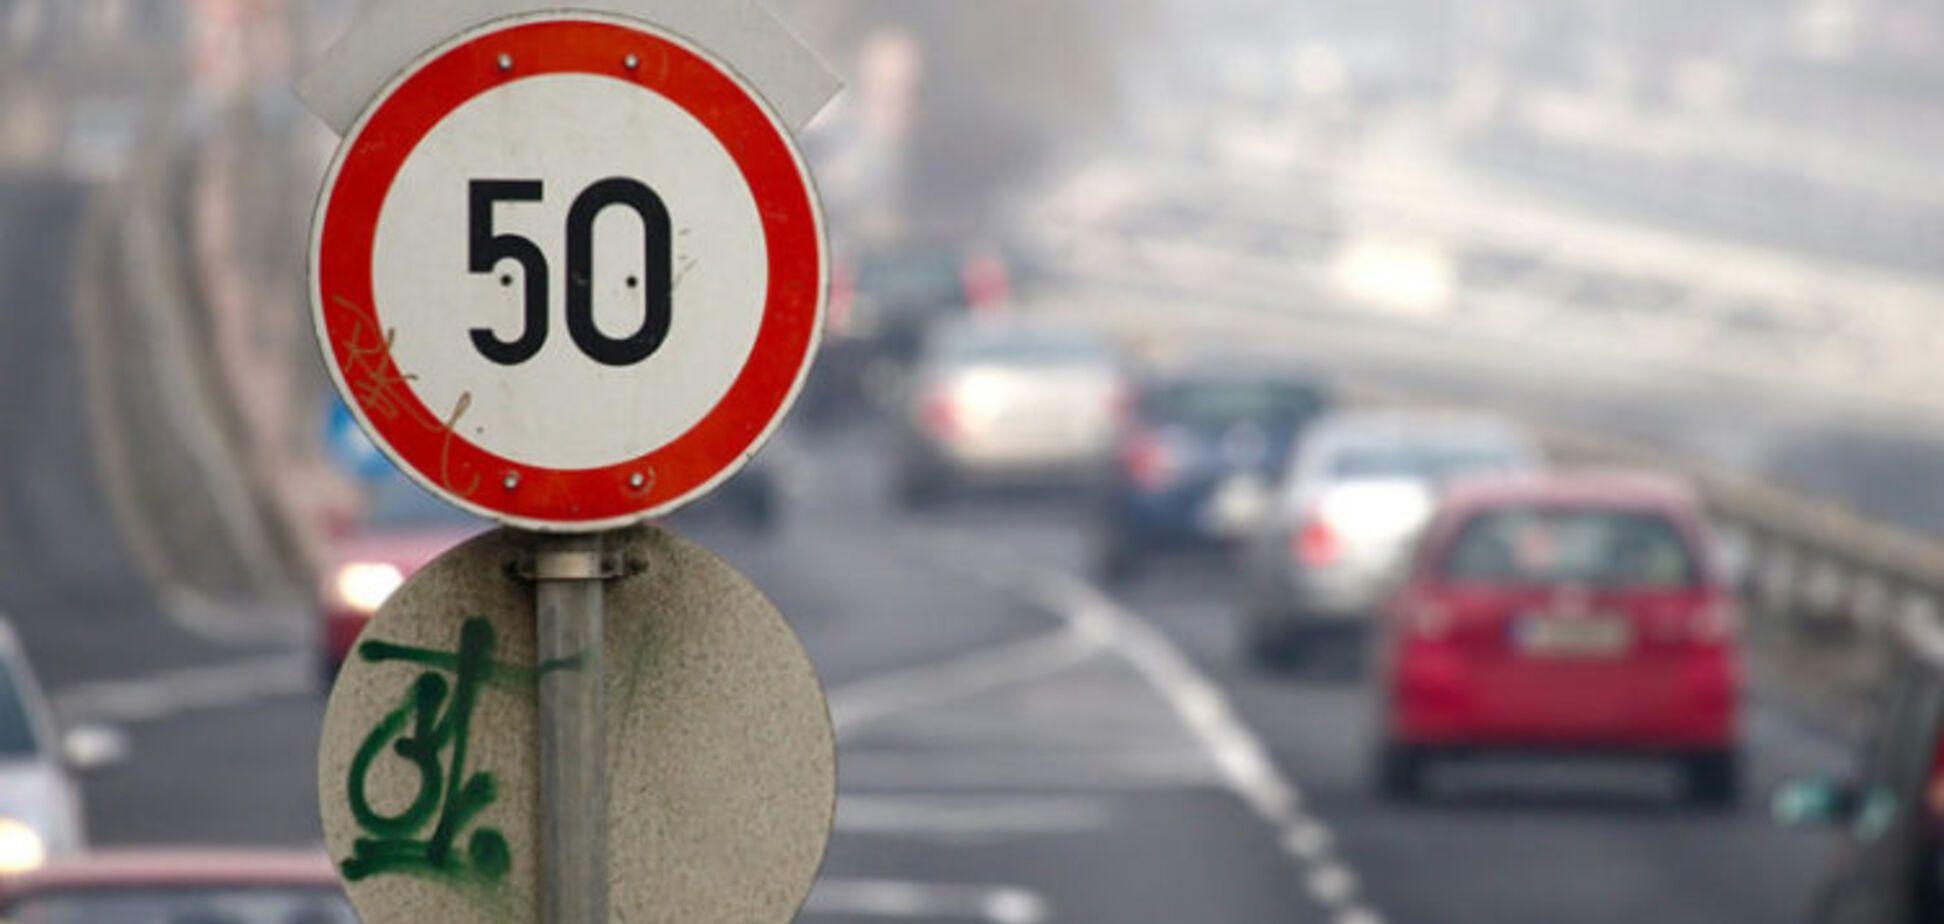 50 км/час: почему водителям тяжело соблюдать правила